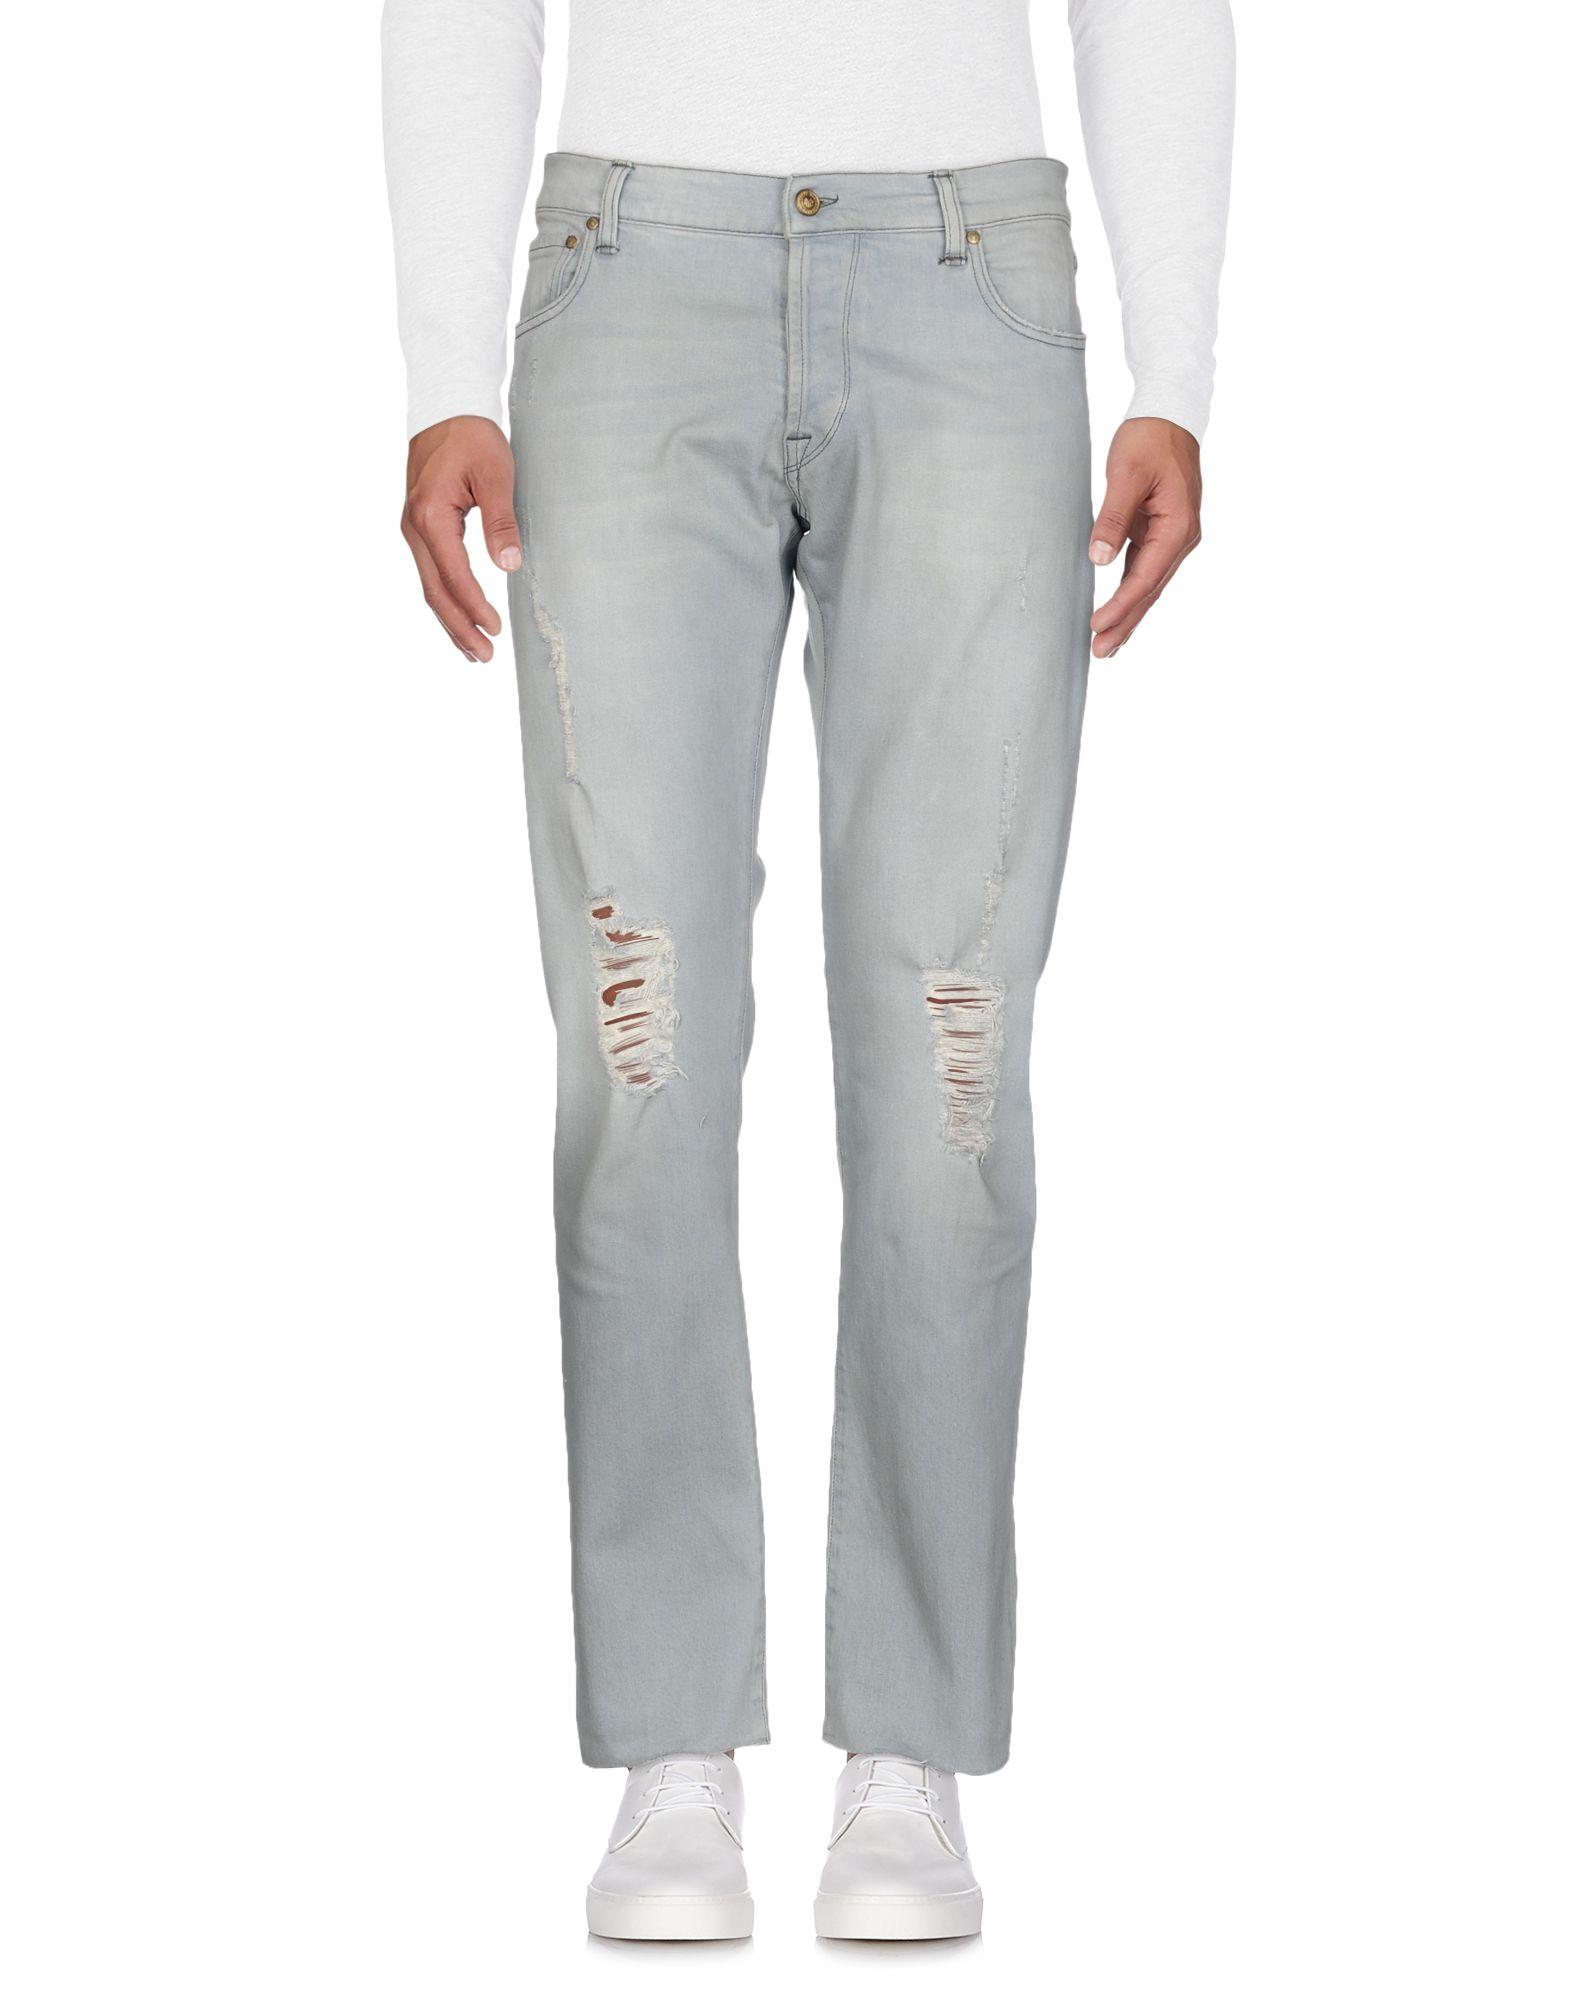 Pantaloni Jeans True Nyc. Uomo Uomo Uomo - 42678618DB 1f8201